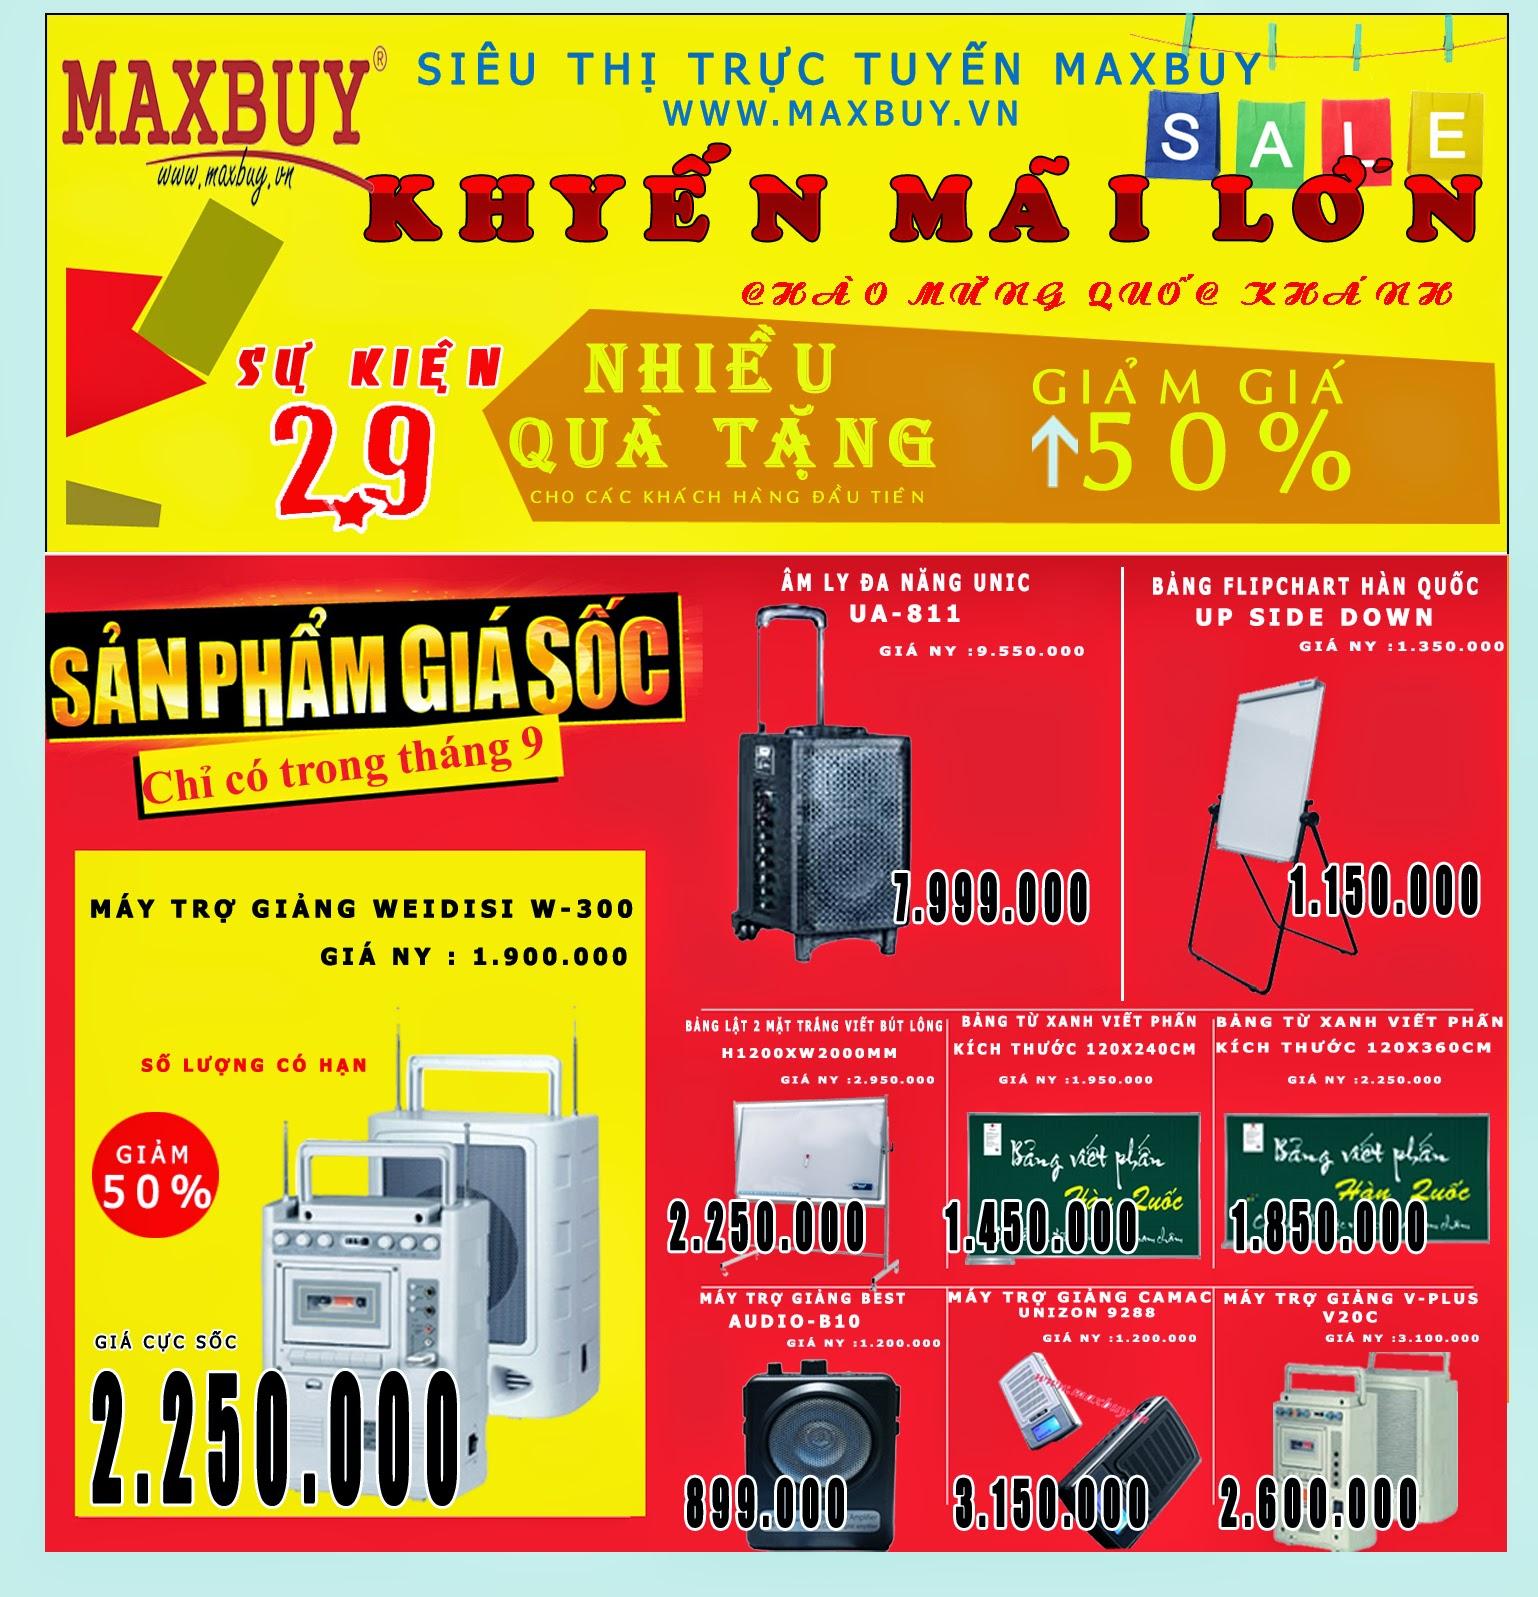 Maxbuy khuyến mãi rất nhiều sản phẩm lên tới 50%